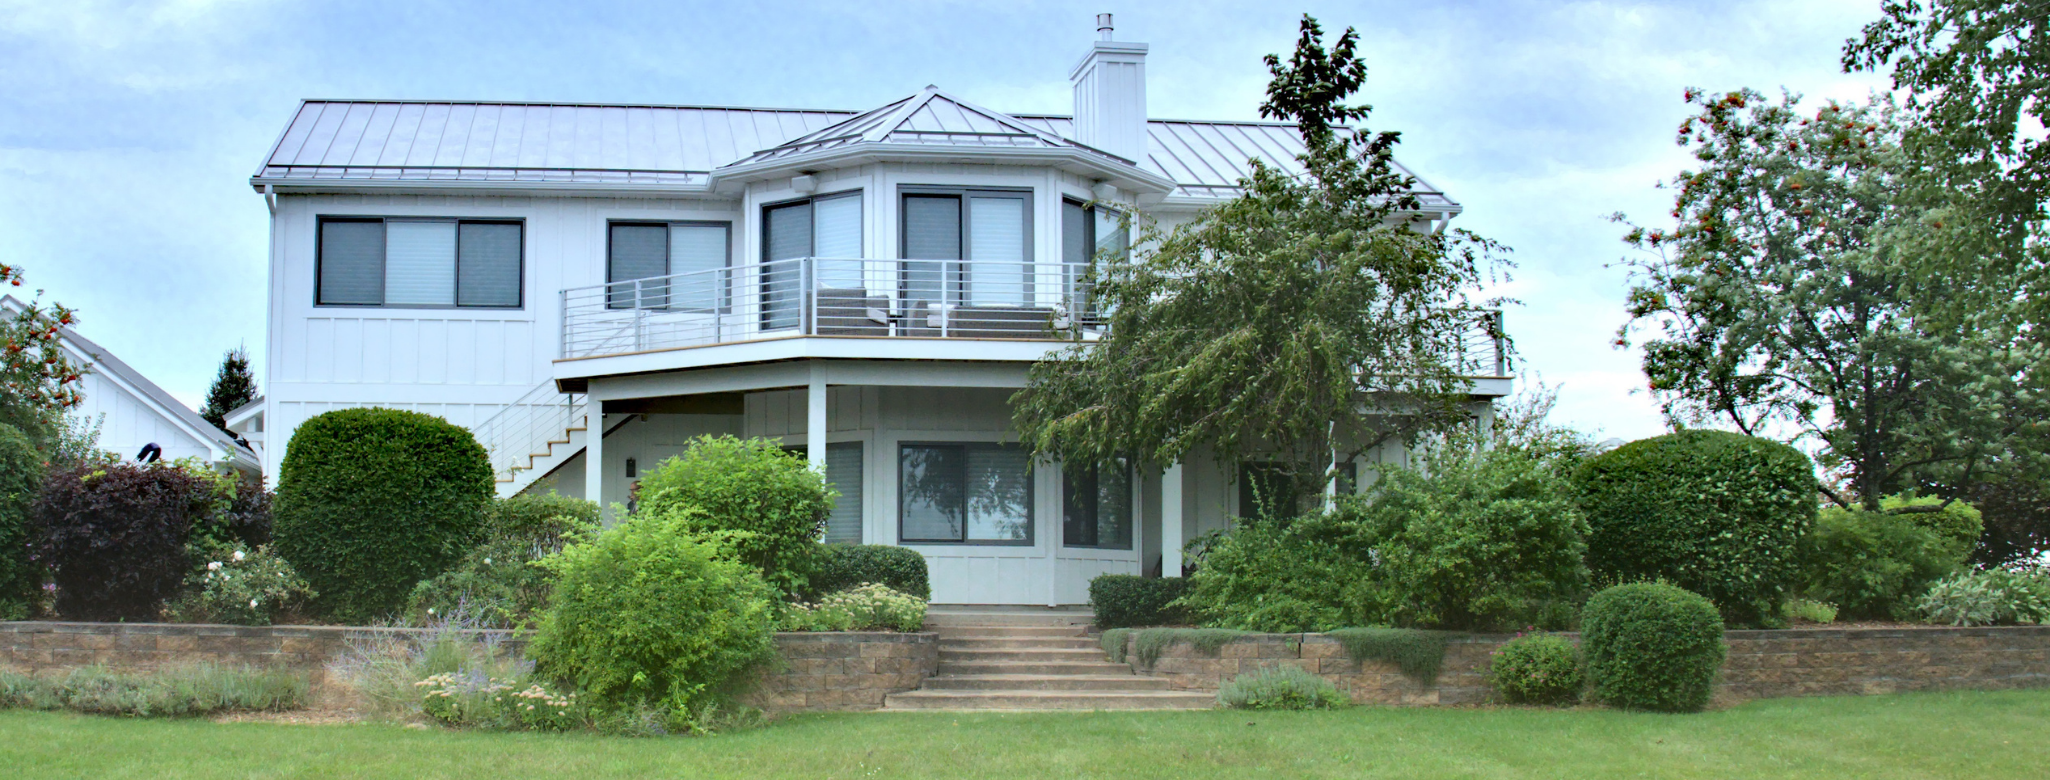 200916 Moeller Old Mission Exterior Large for Website